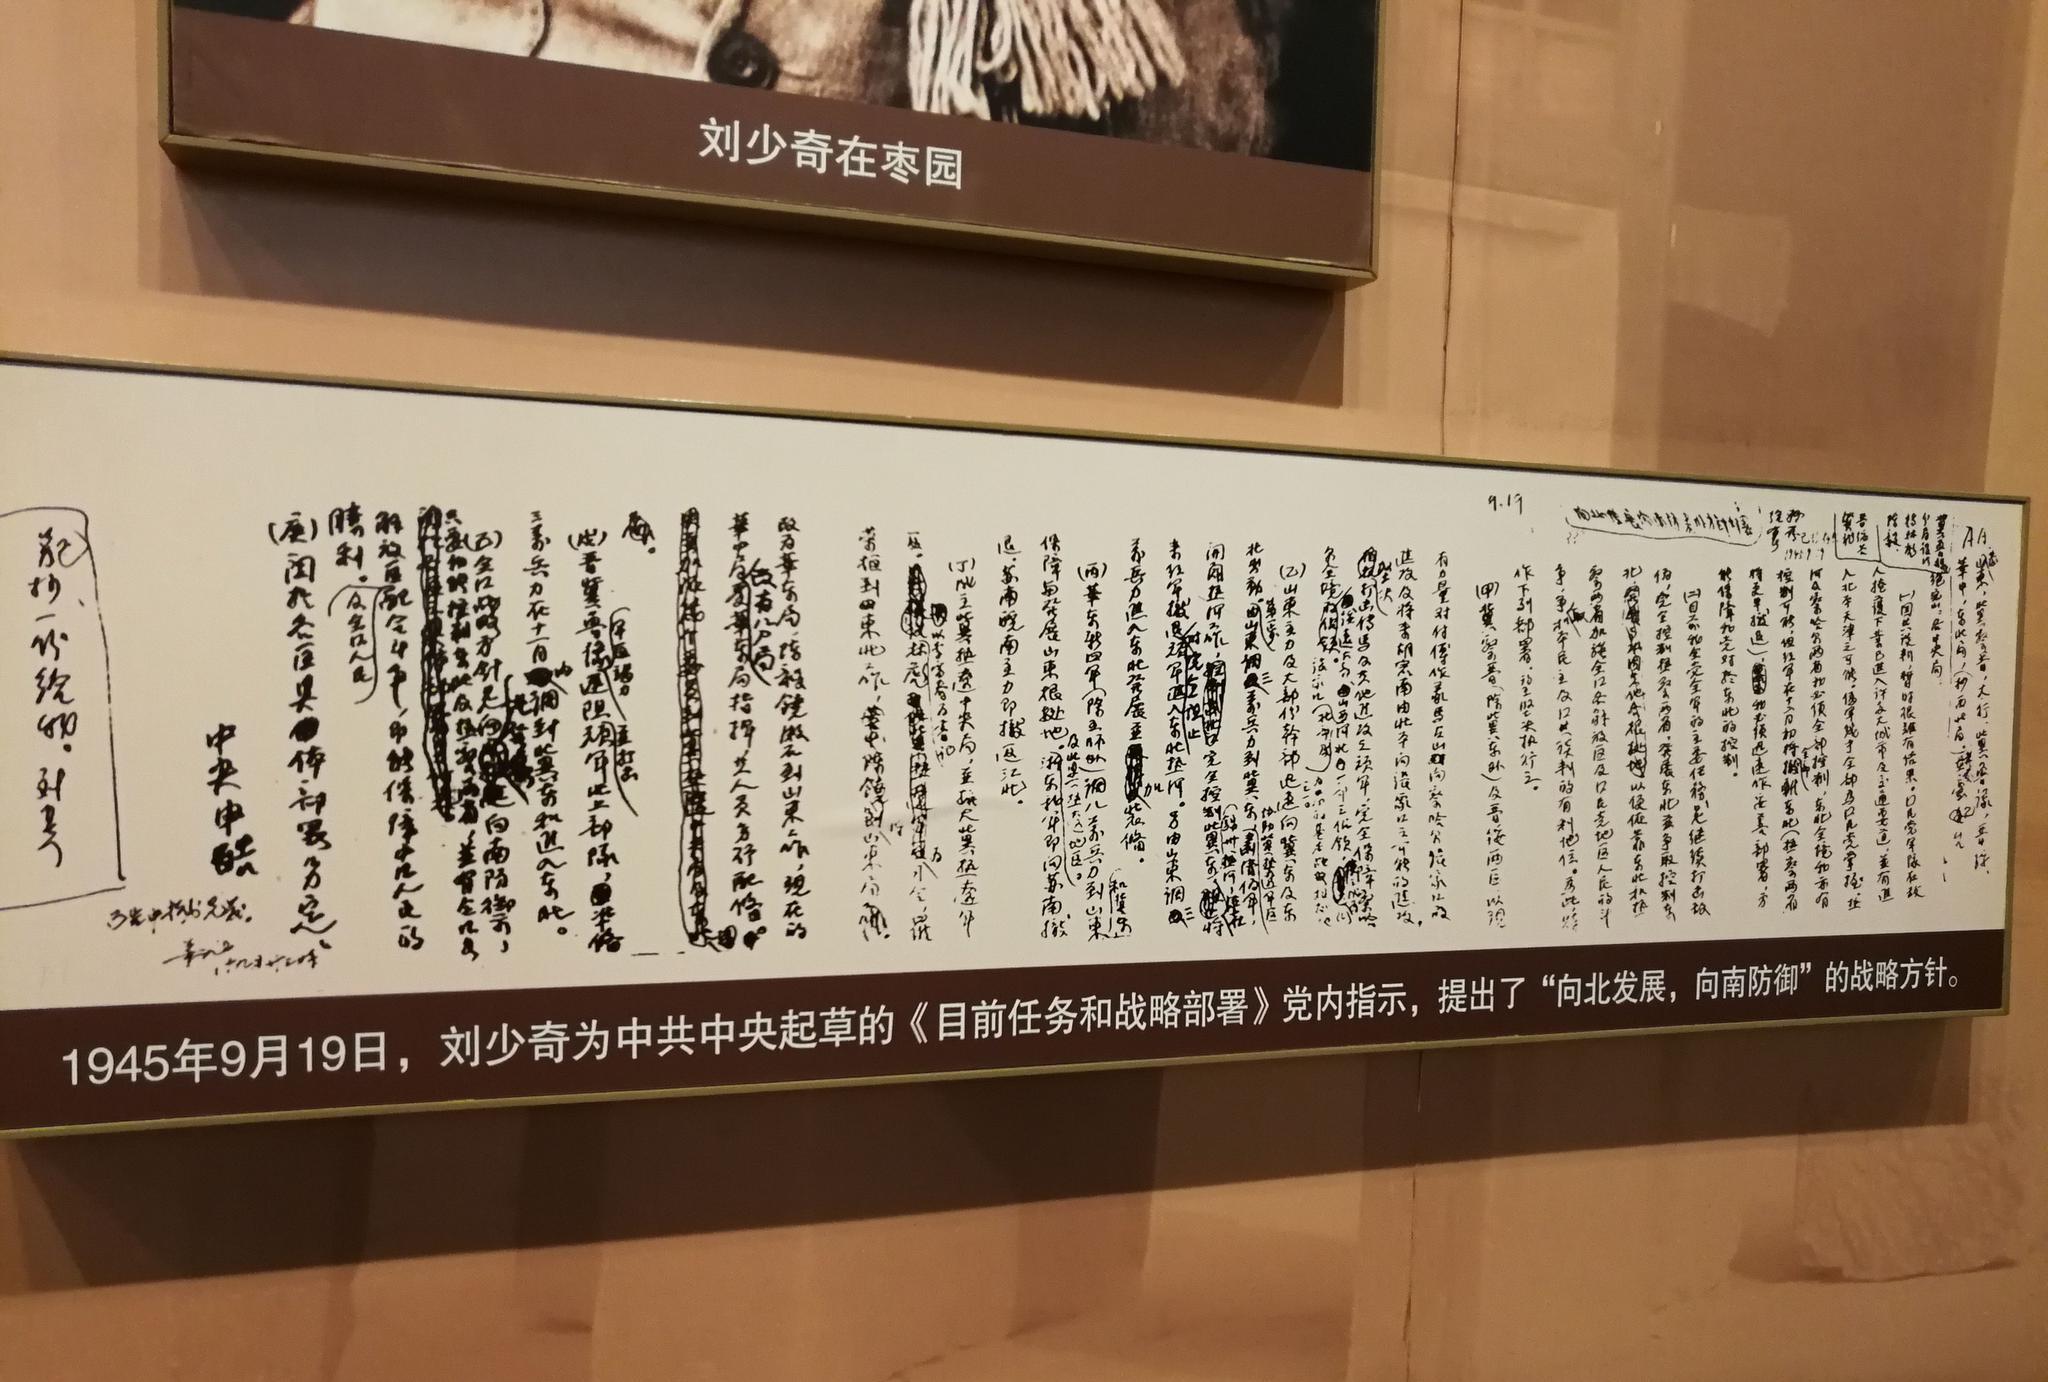 1945年9月,刘少奇在延安起草的《目前任务和战略部署》手稿